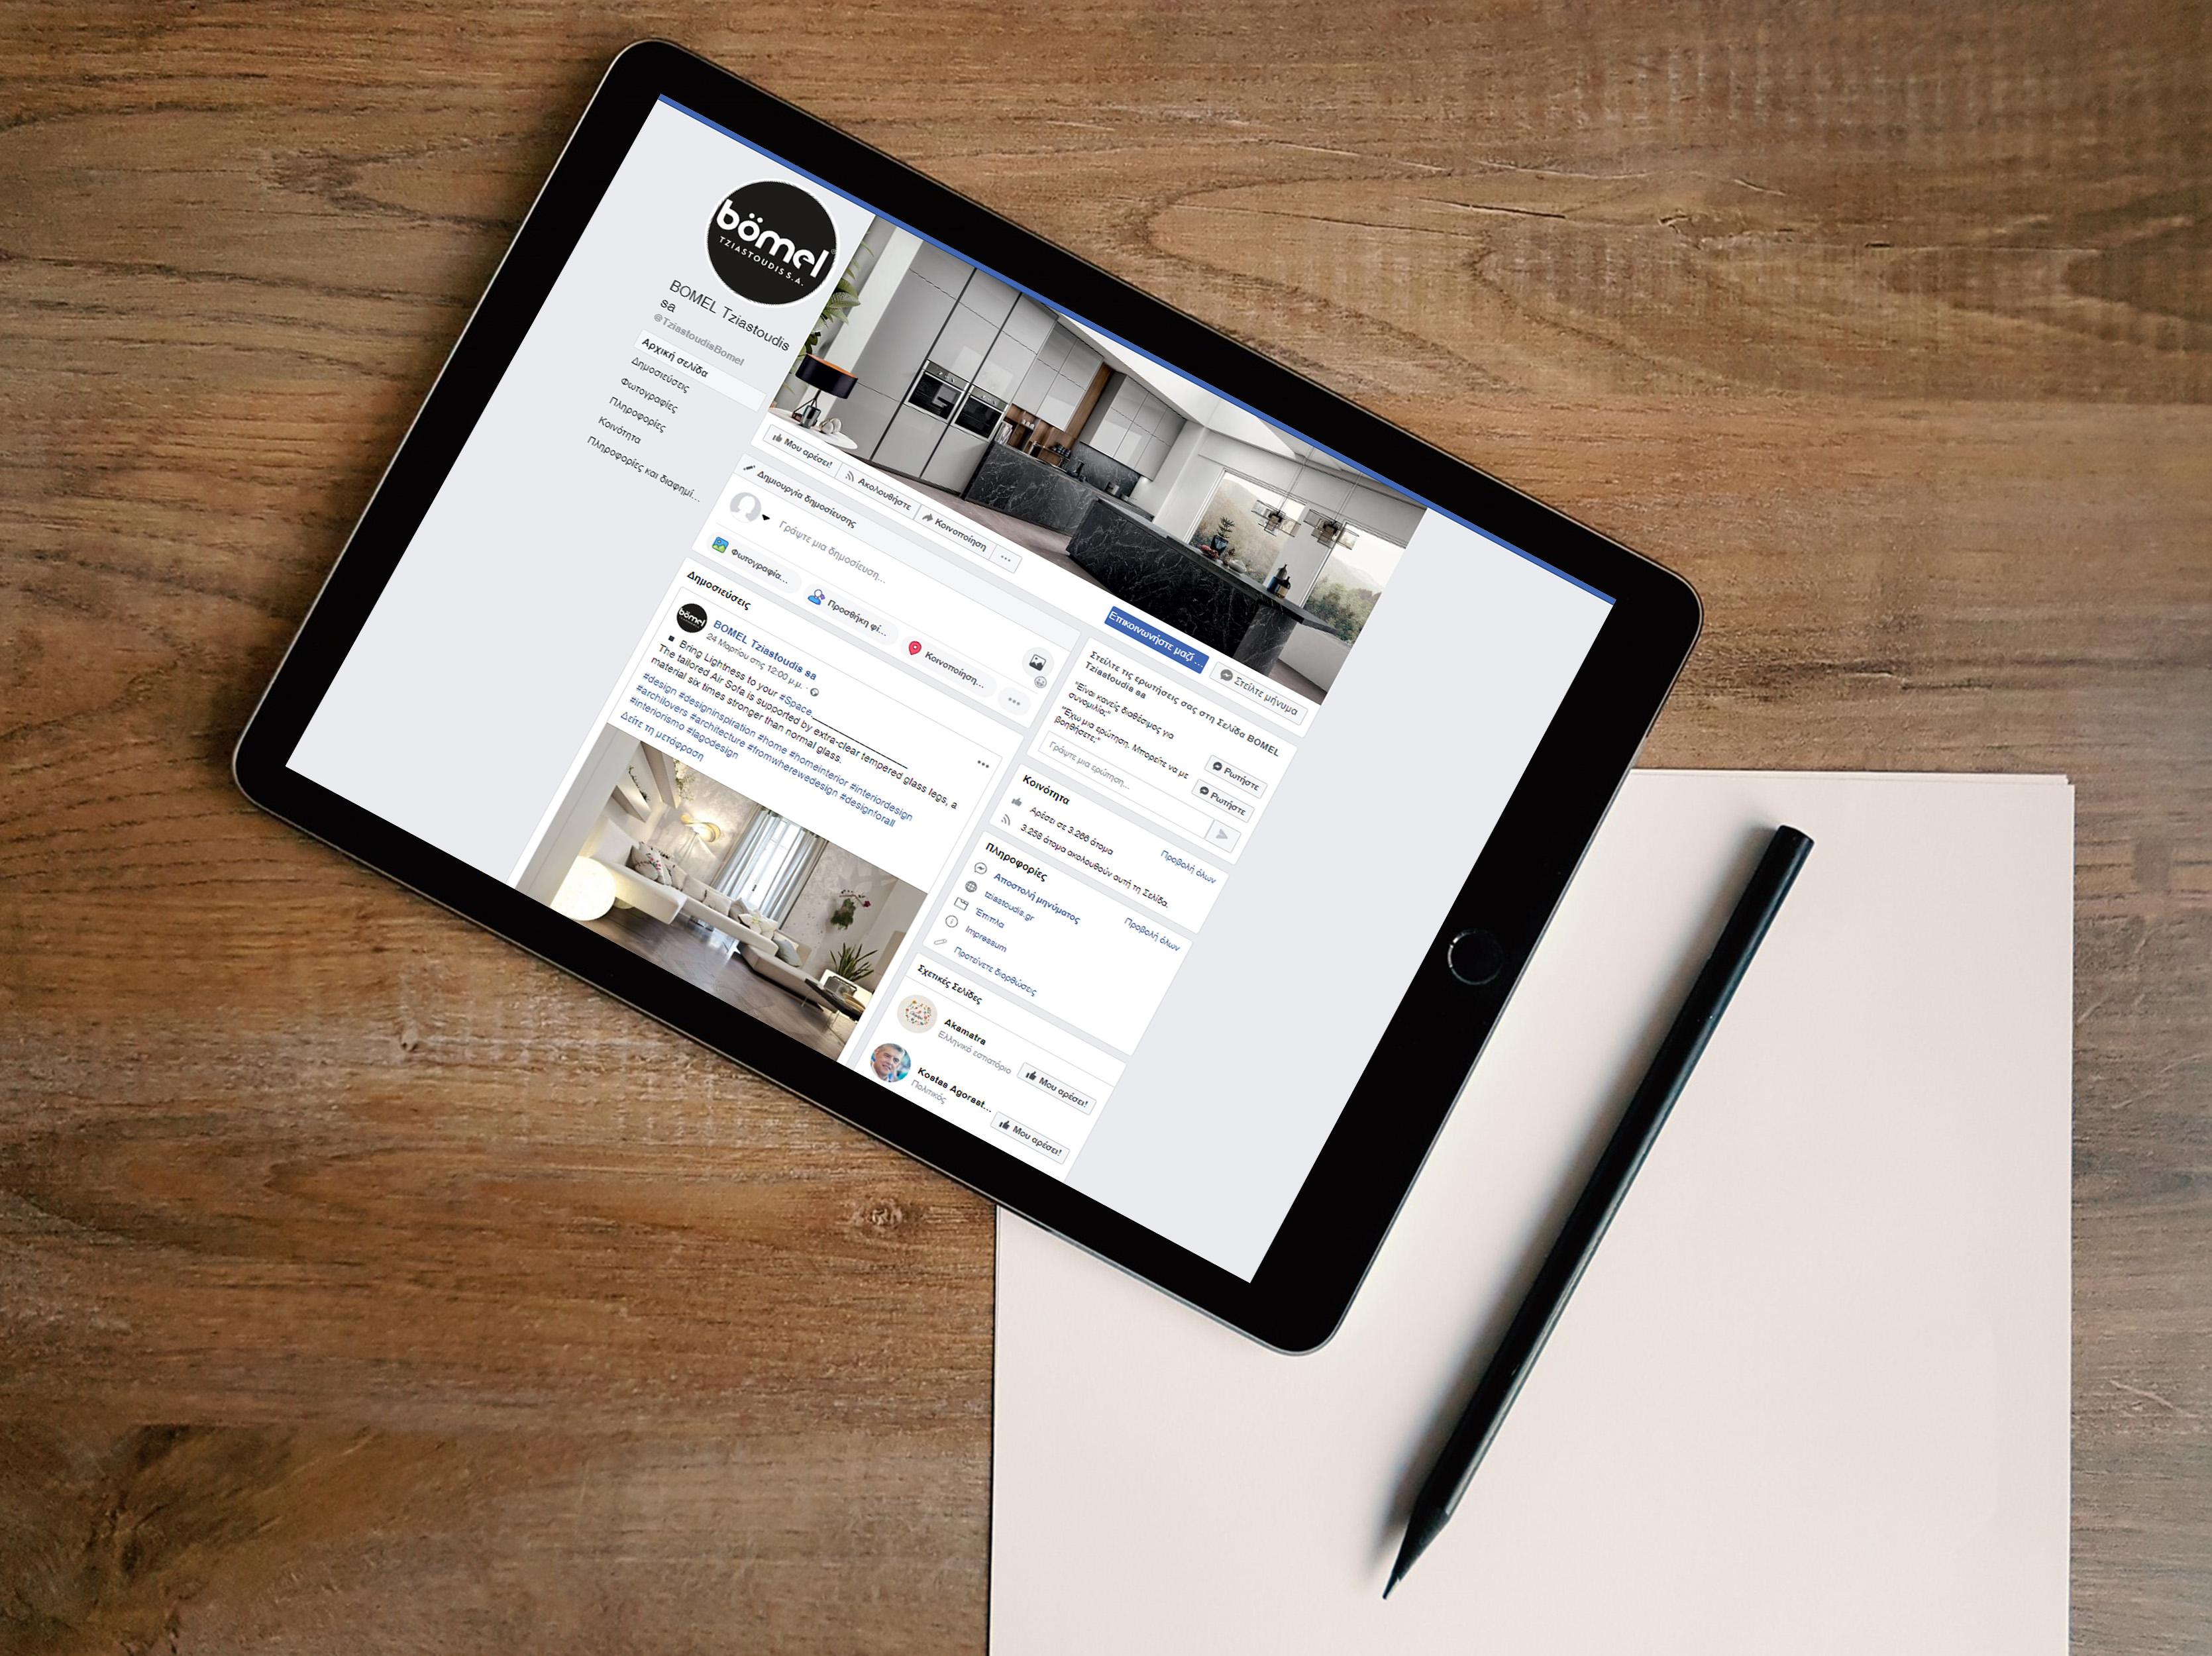 bomel_fb-tablet-on-wooden-desk-mock-up